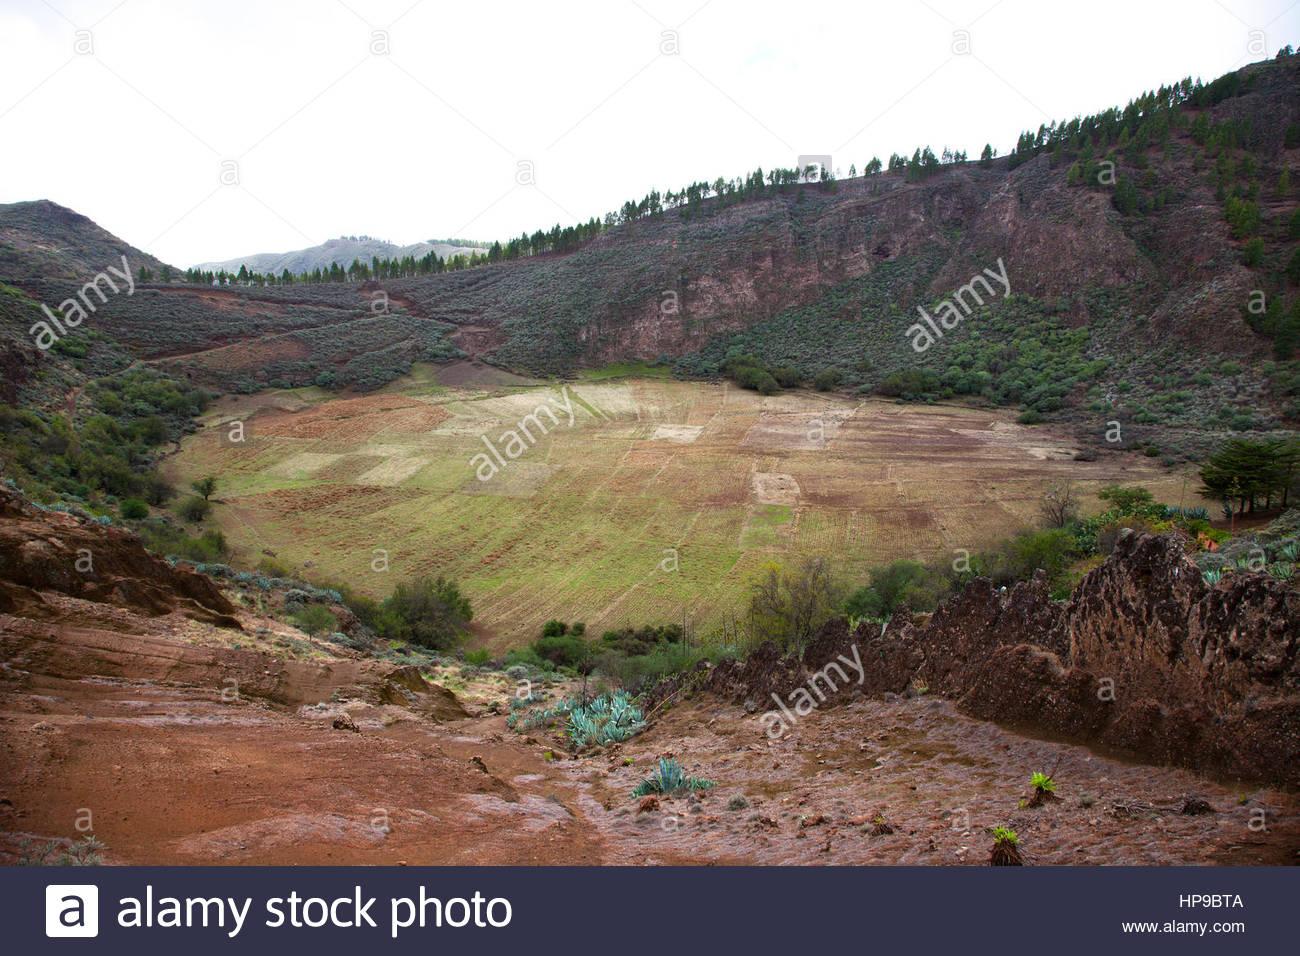 Caldara de los Marteles,crater,extinct volcano,gran canaria,canarie,spagna - Stock Image